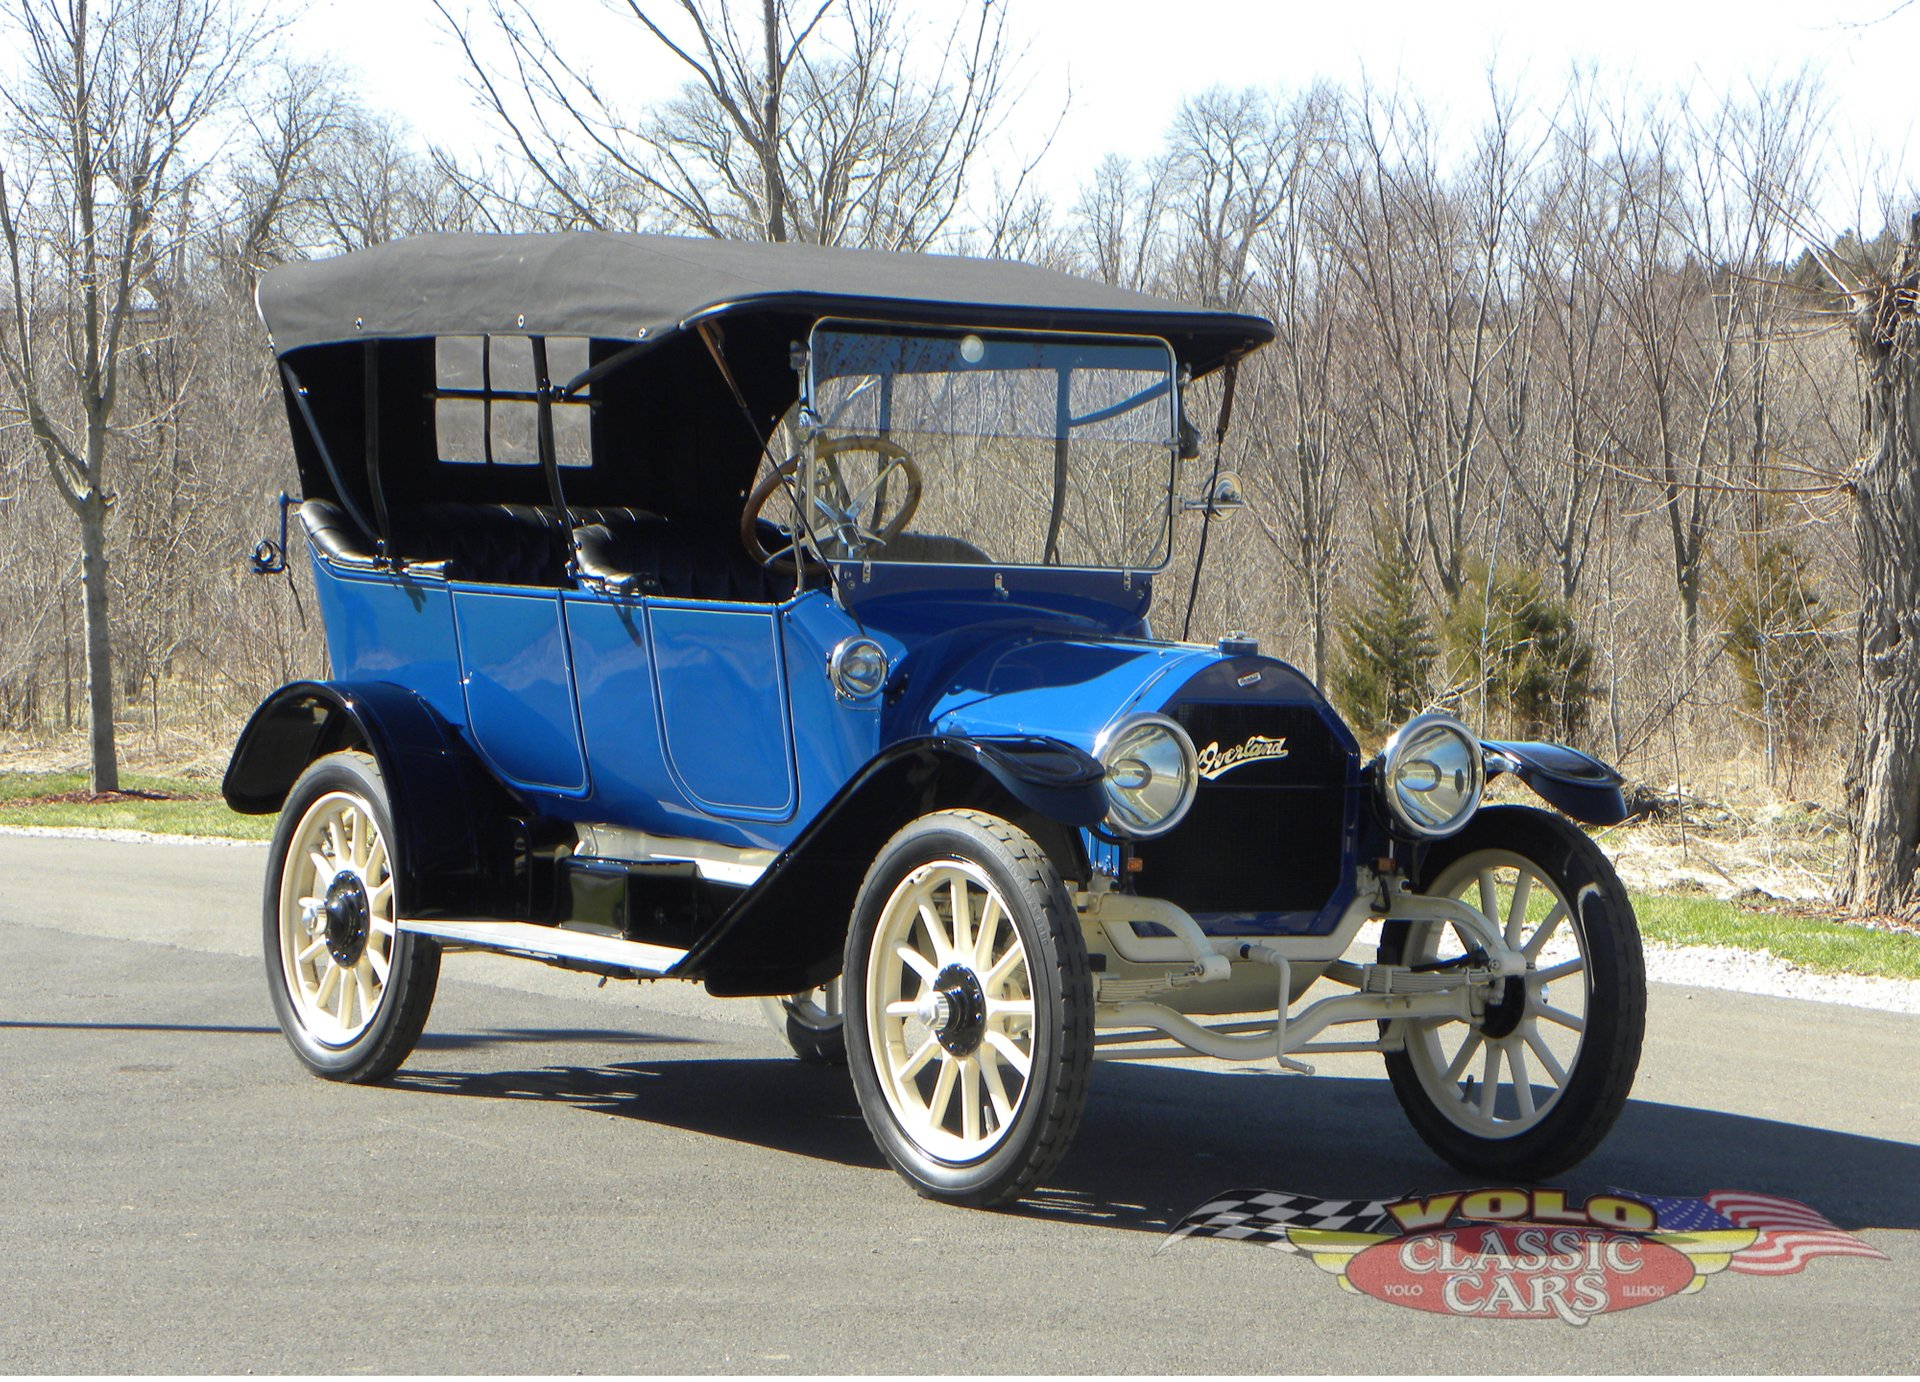 1914 overland model 79 5 passenger touring